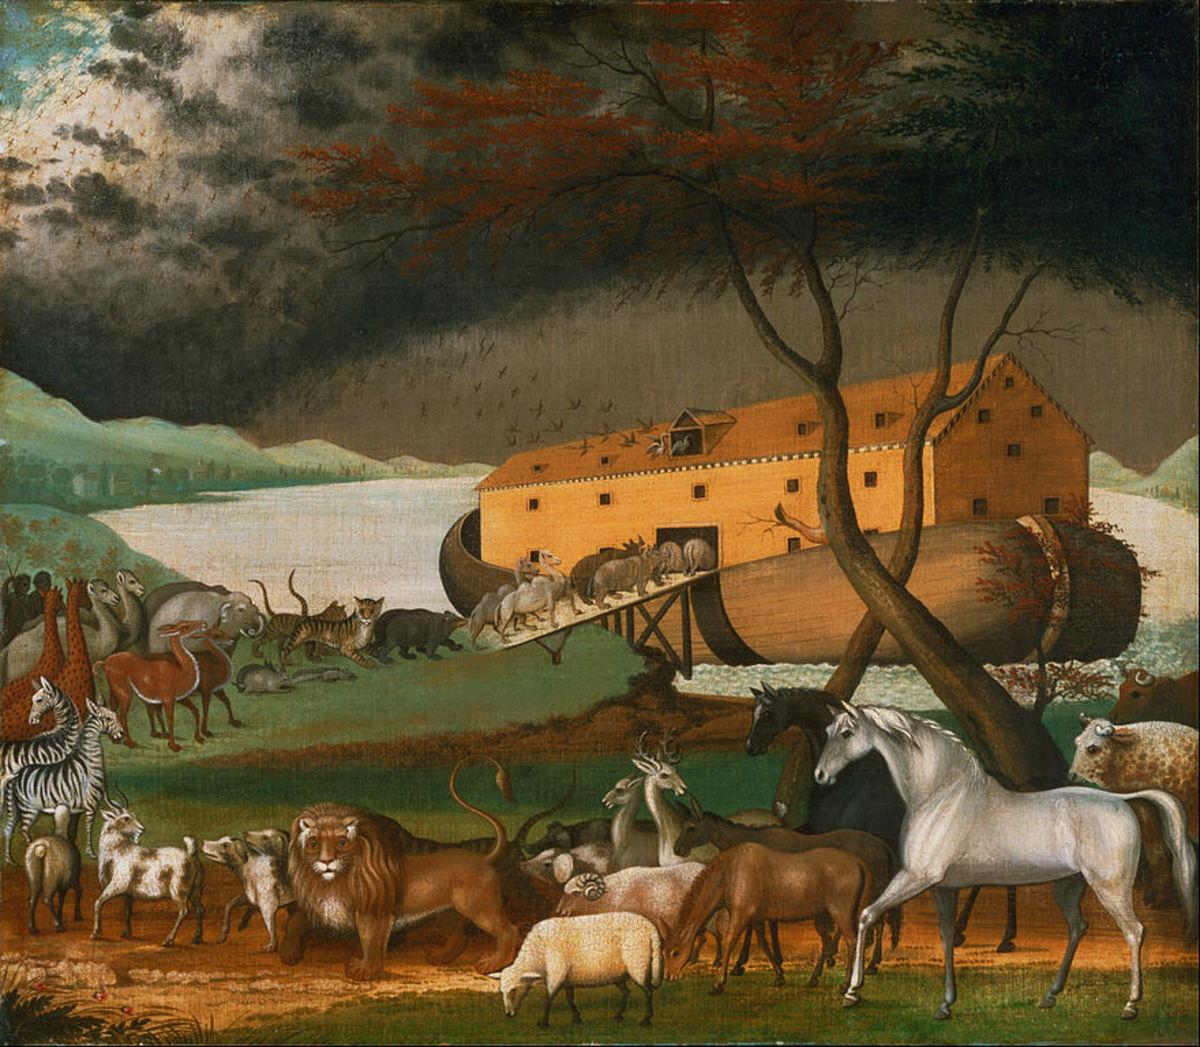 Noah's ark.